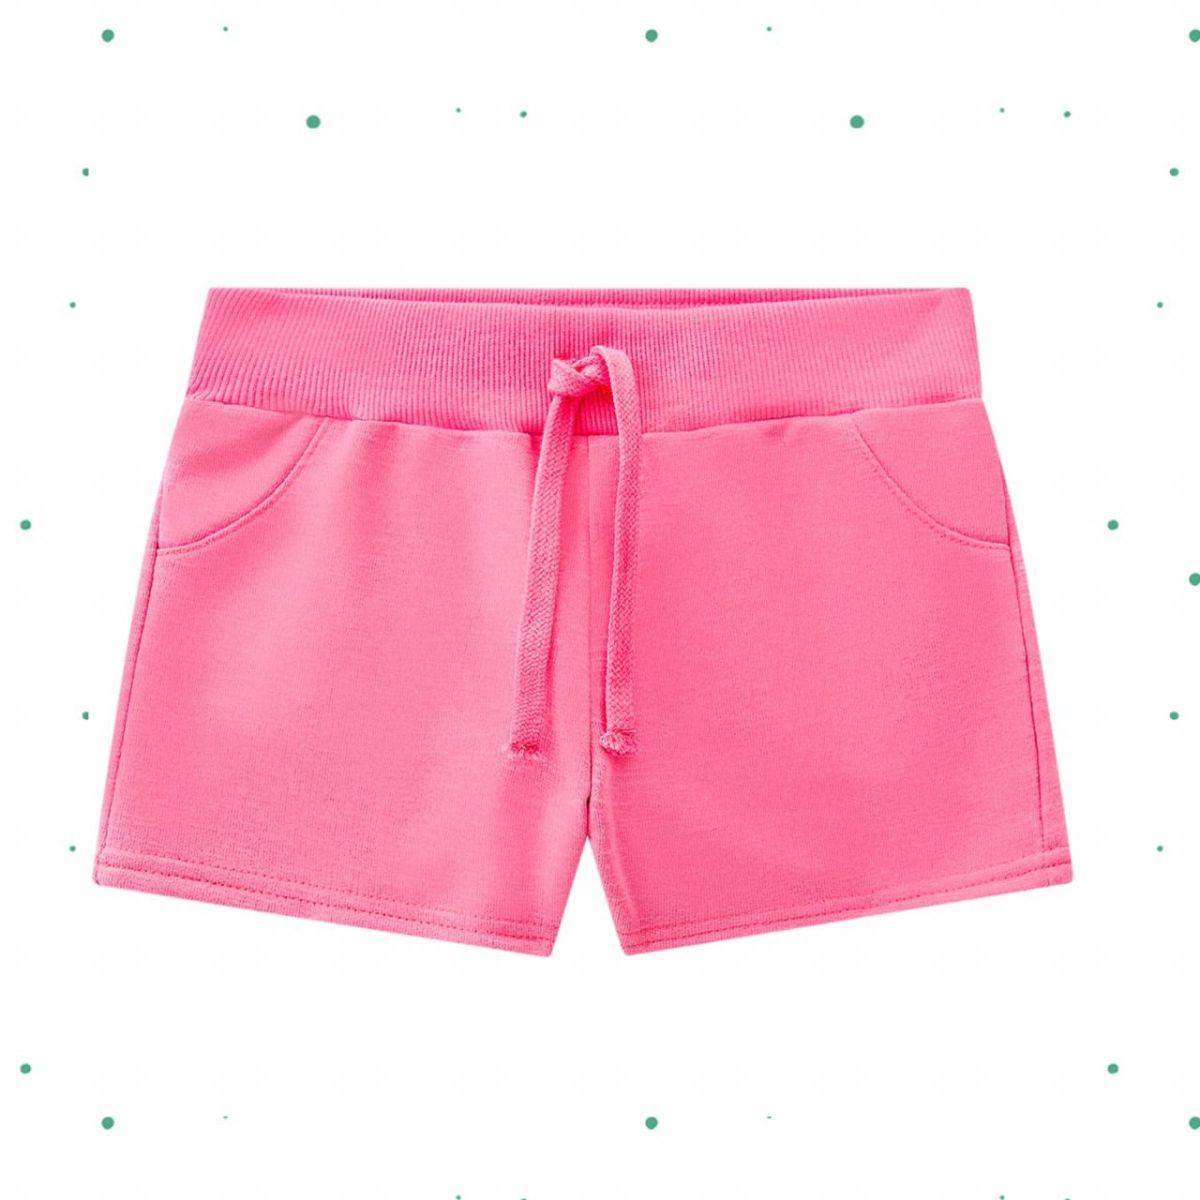 Short Menina Kyly em Moletom sem Felpa cor Pink Neon